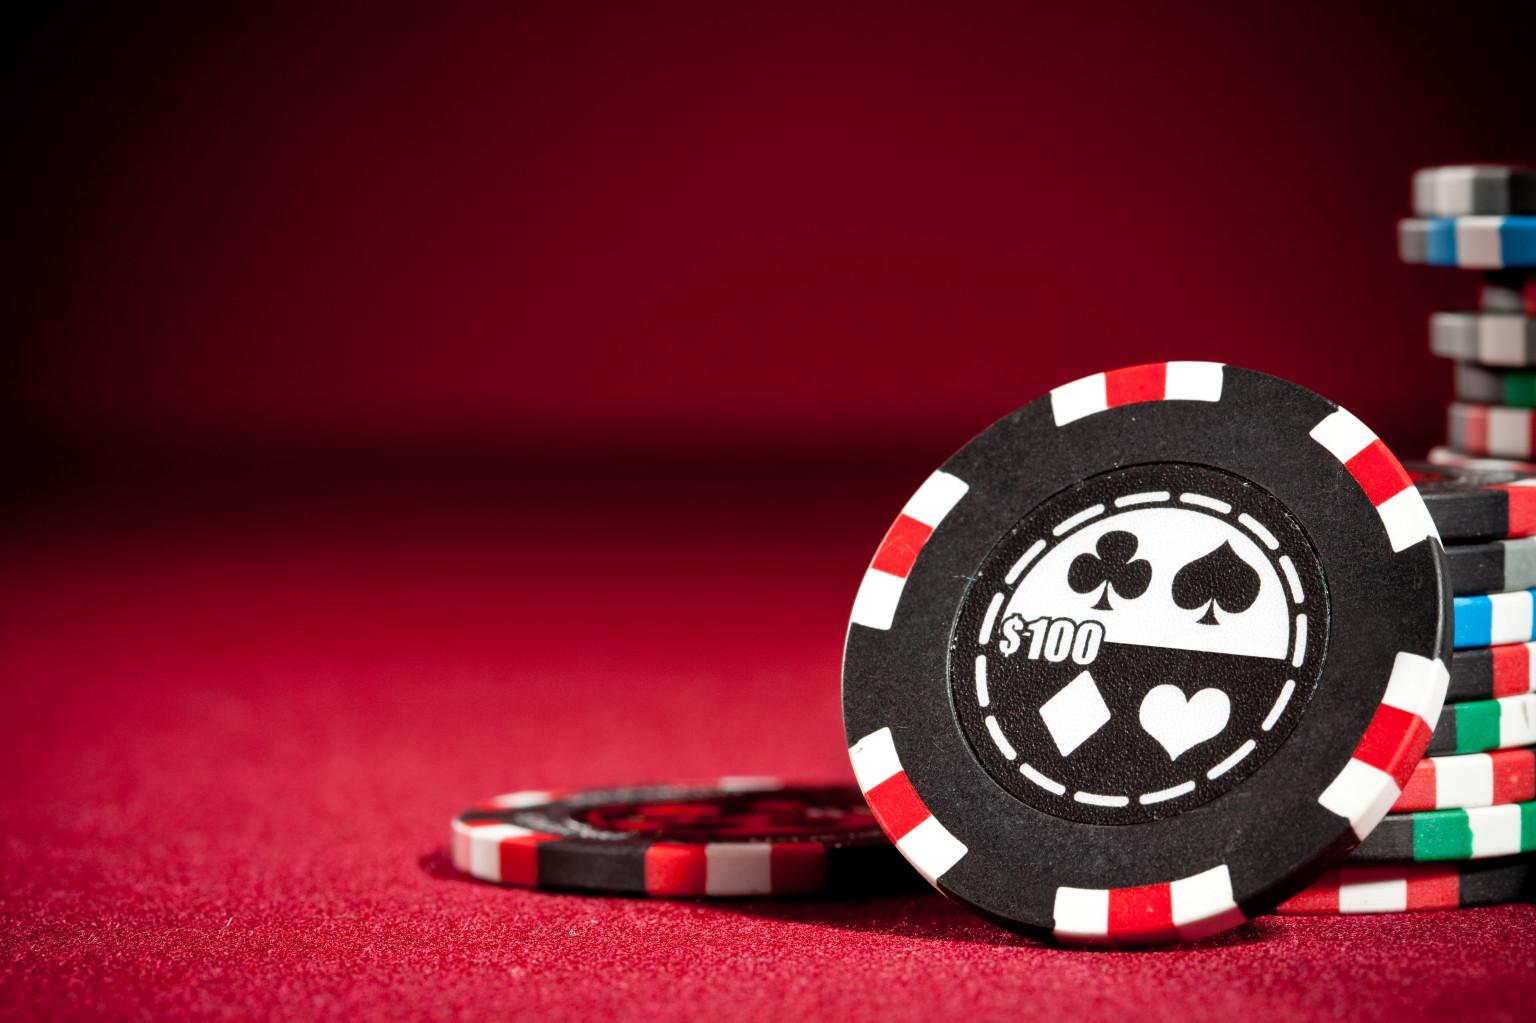 Les jeux casino sérieux pour réussir